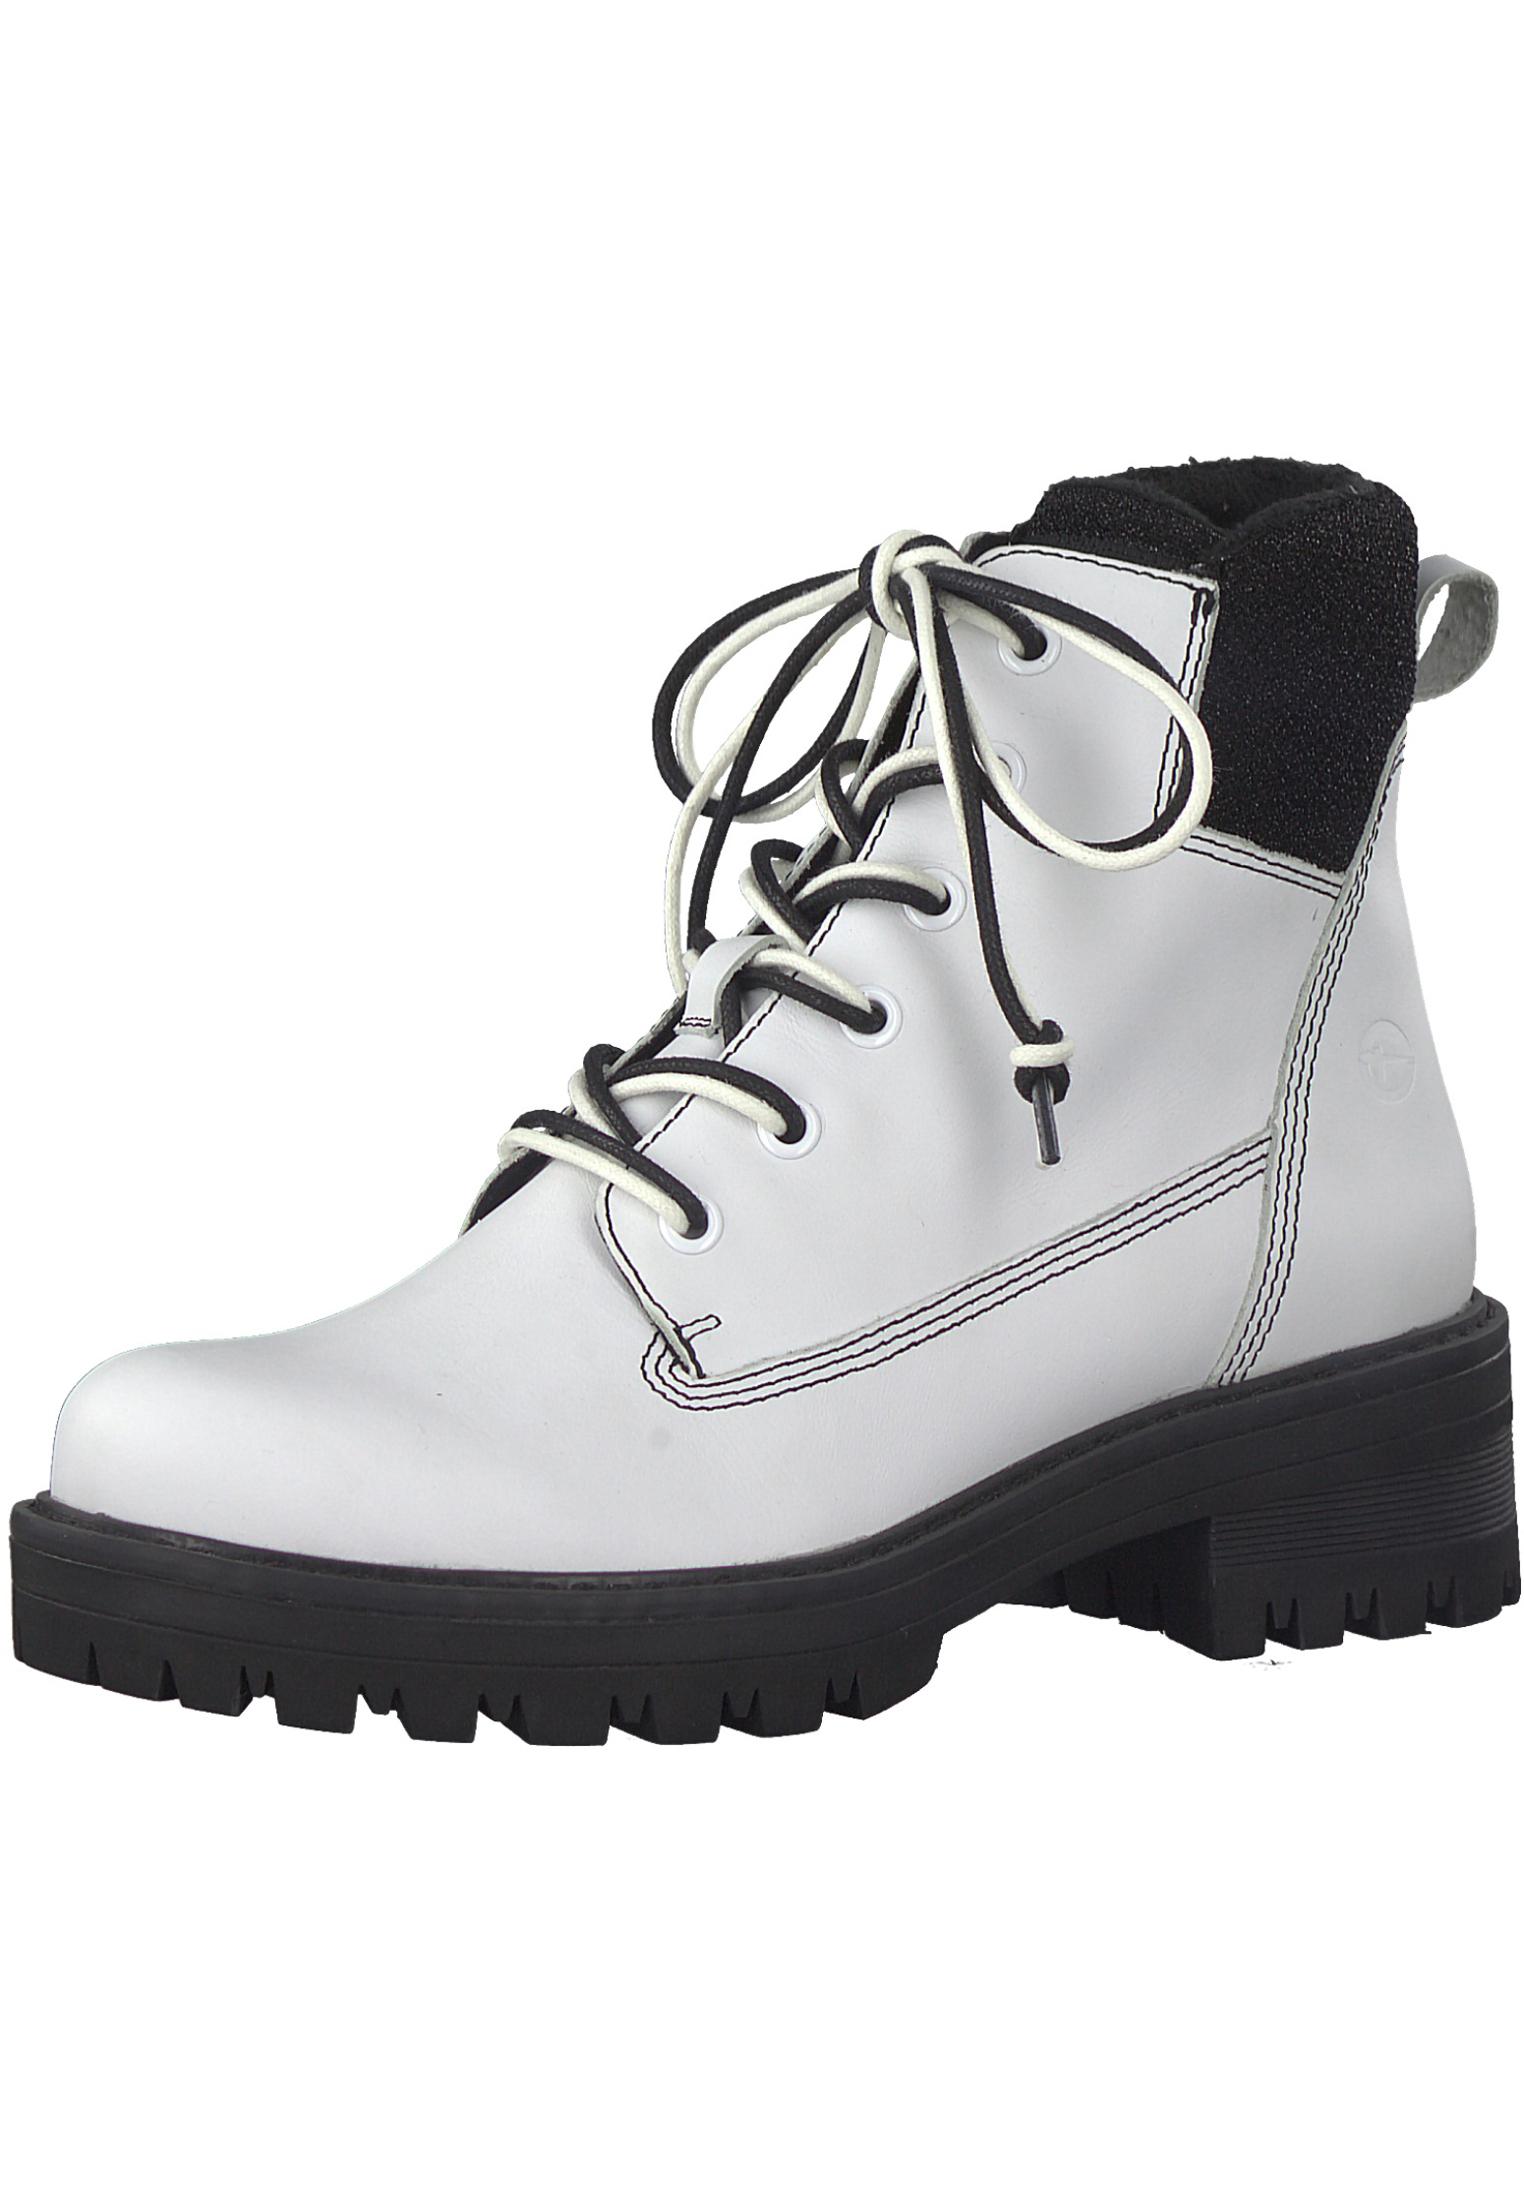 Tamaris Trend 1 25214 21 125 Damen White Black Weiß Schwarz derbe Stiefelette Boots mit TOUCH IT Sohle